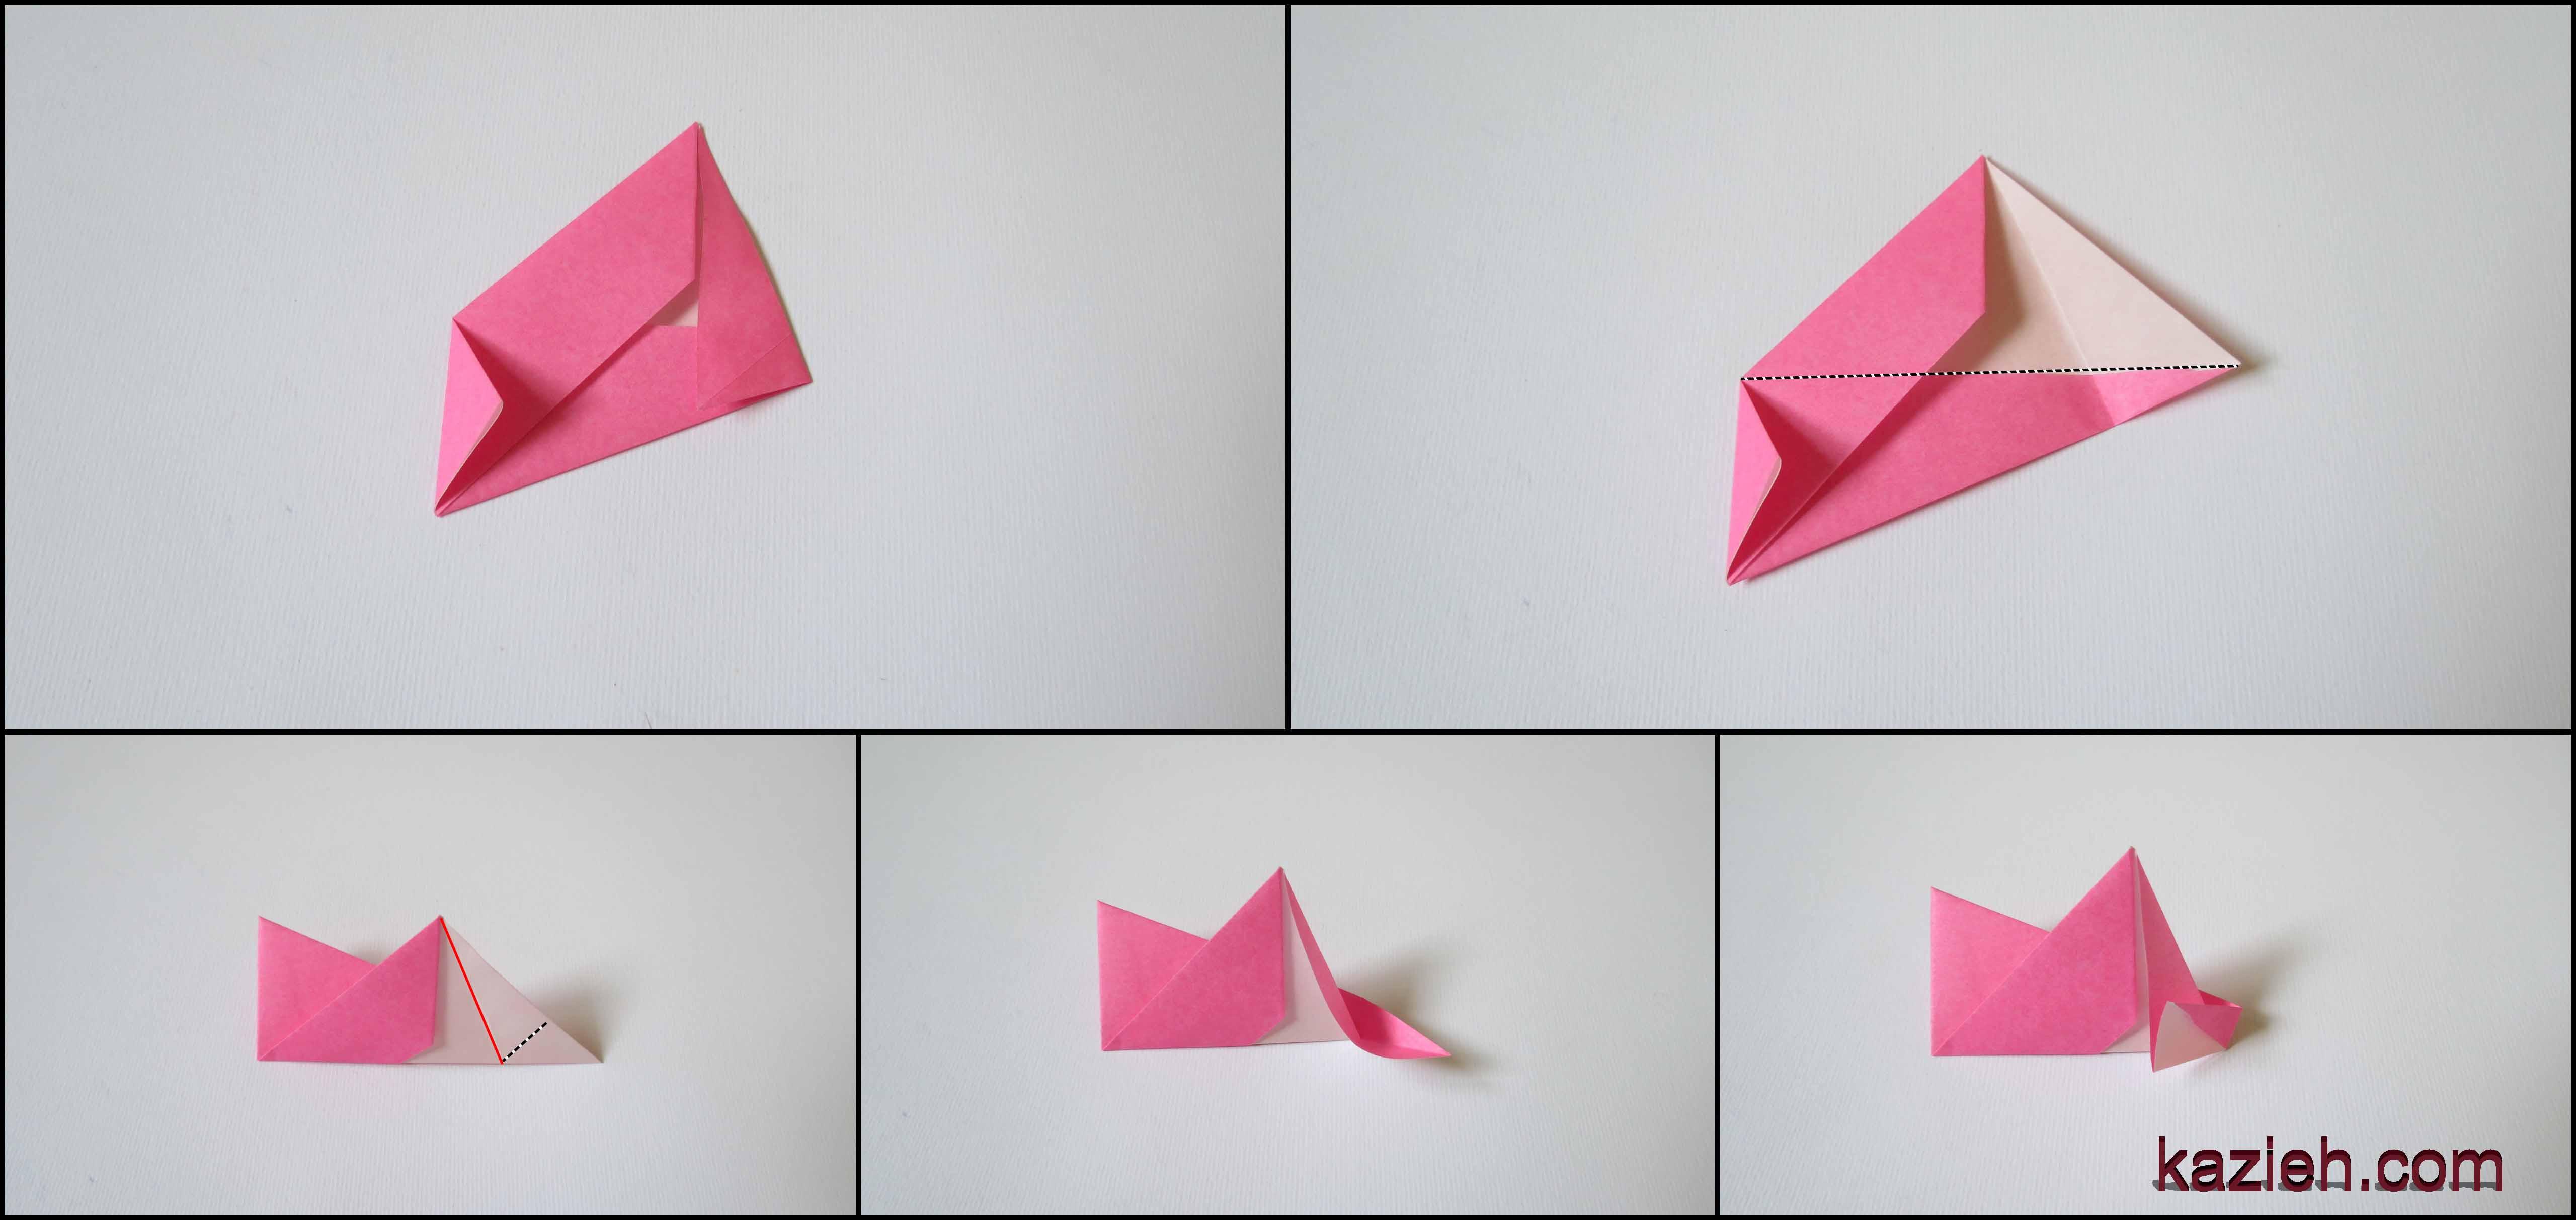 آموزش ستاره اوریگامی رابین- مرحله چهارم - کازیه